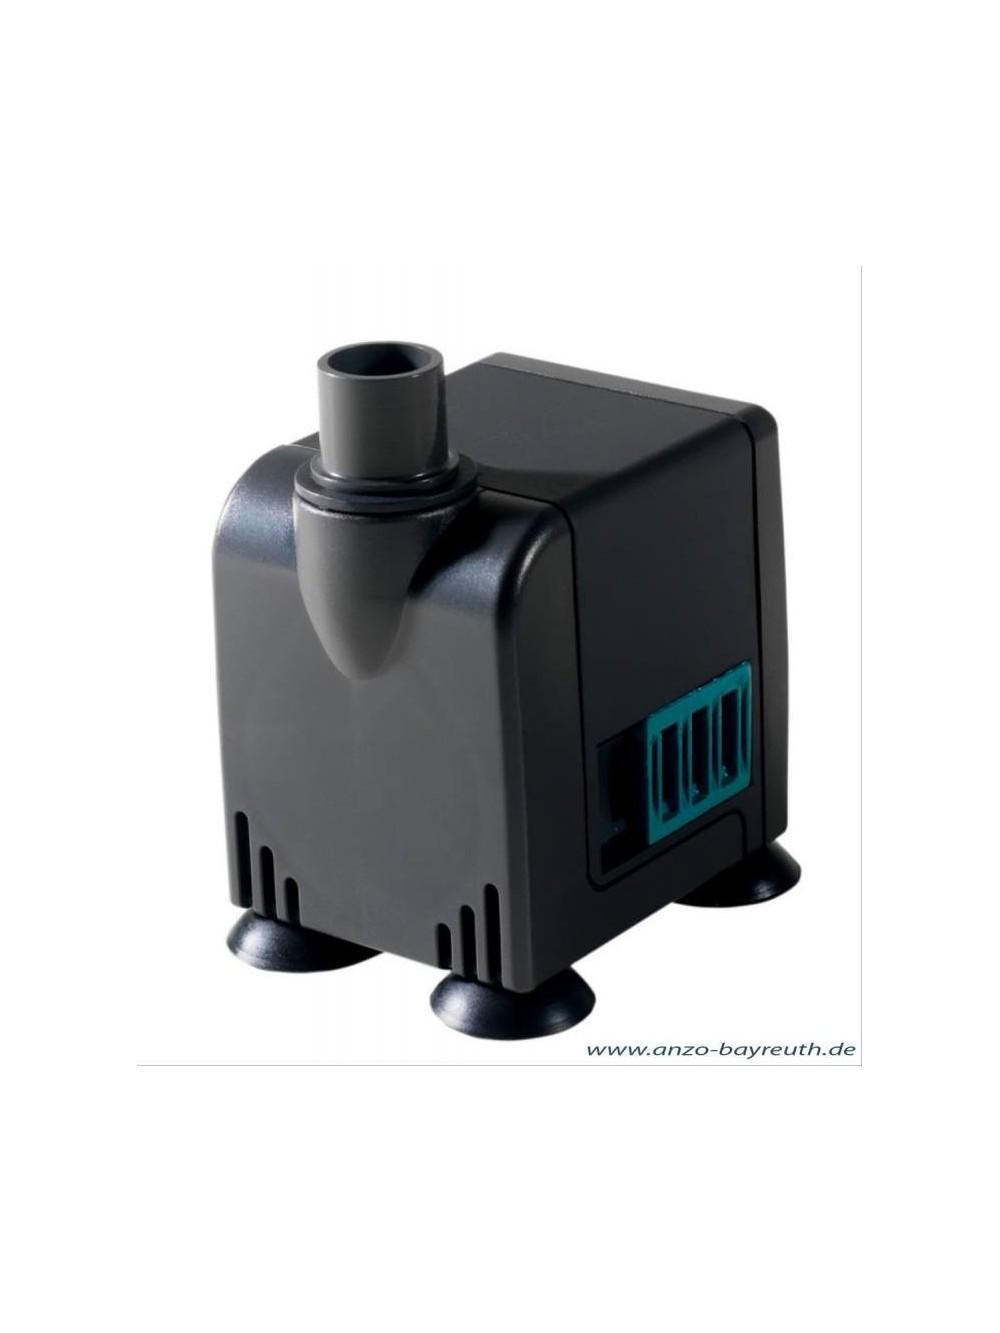 Newa micro mc320 pompa per acquari aquazoomania shop for Pompe per acquari prezzi